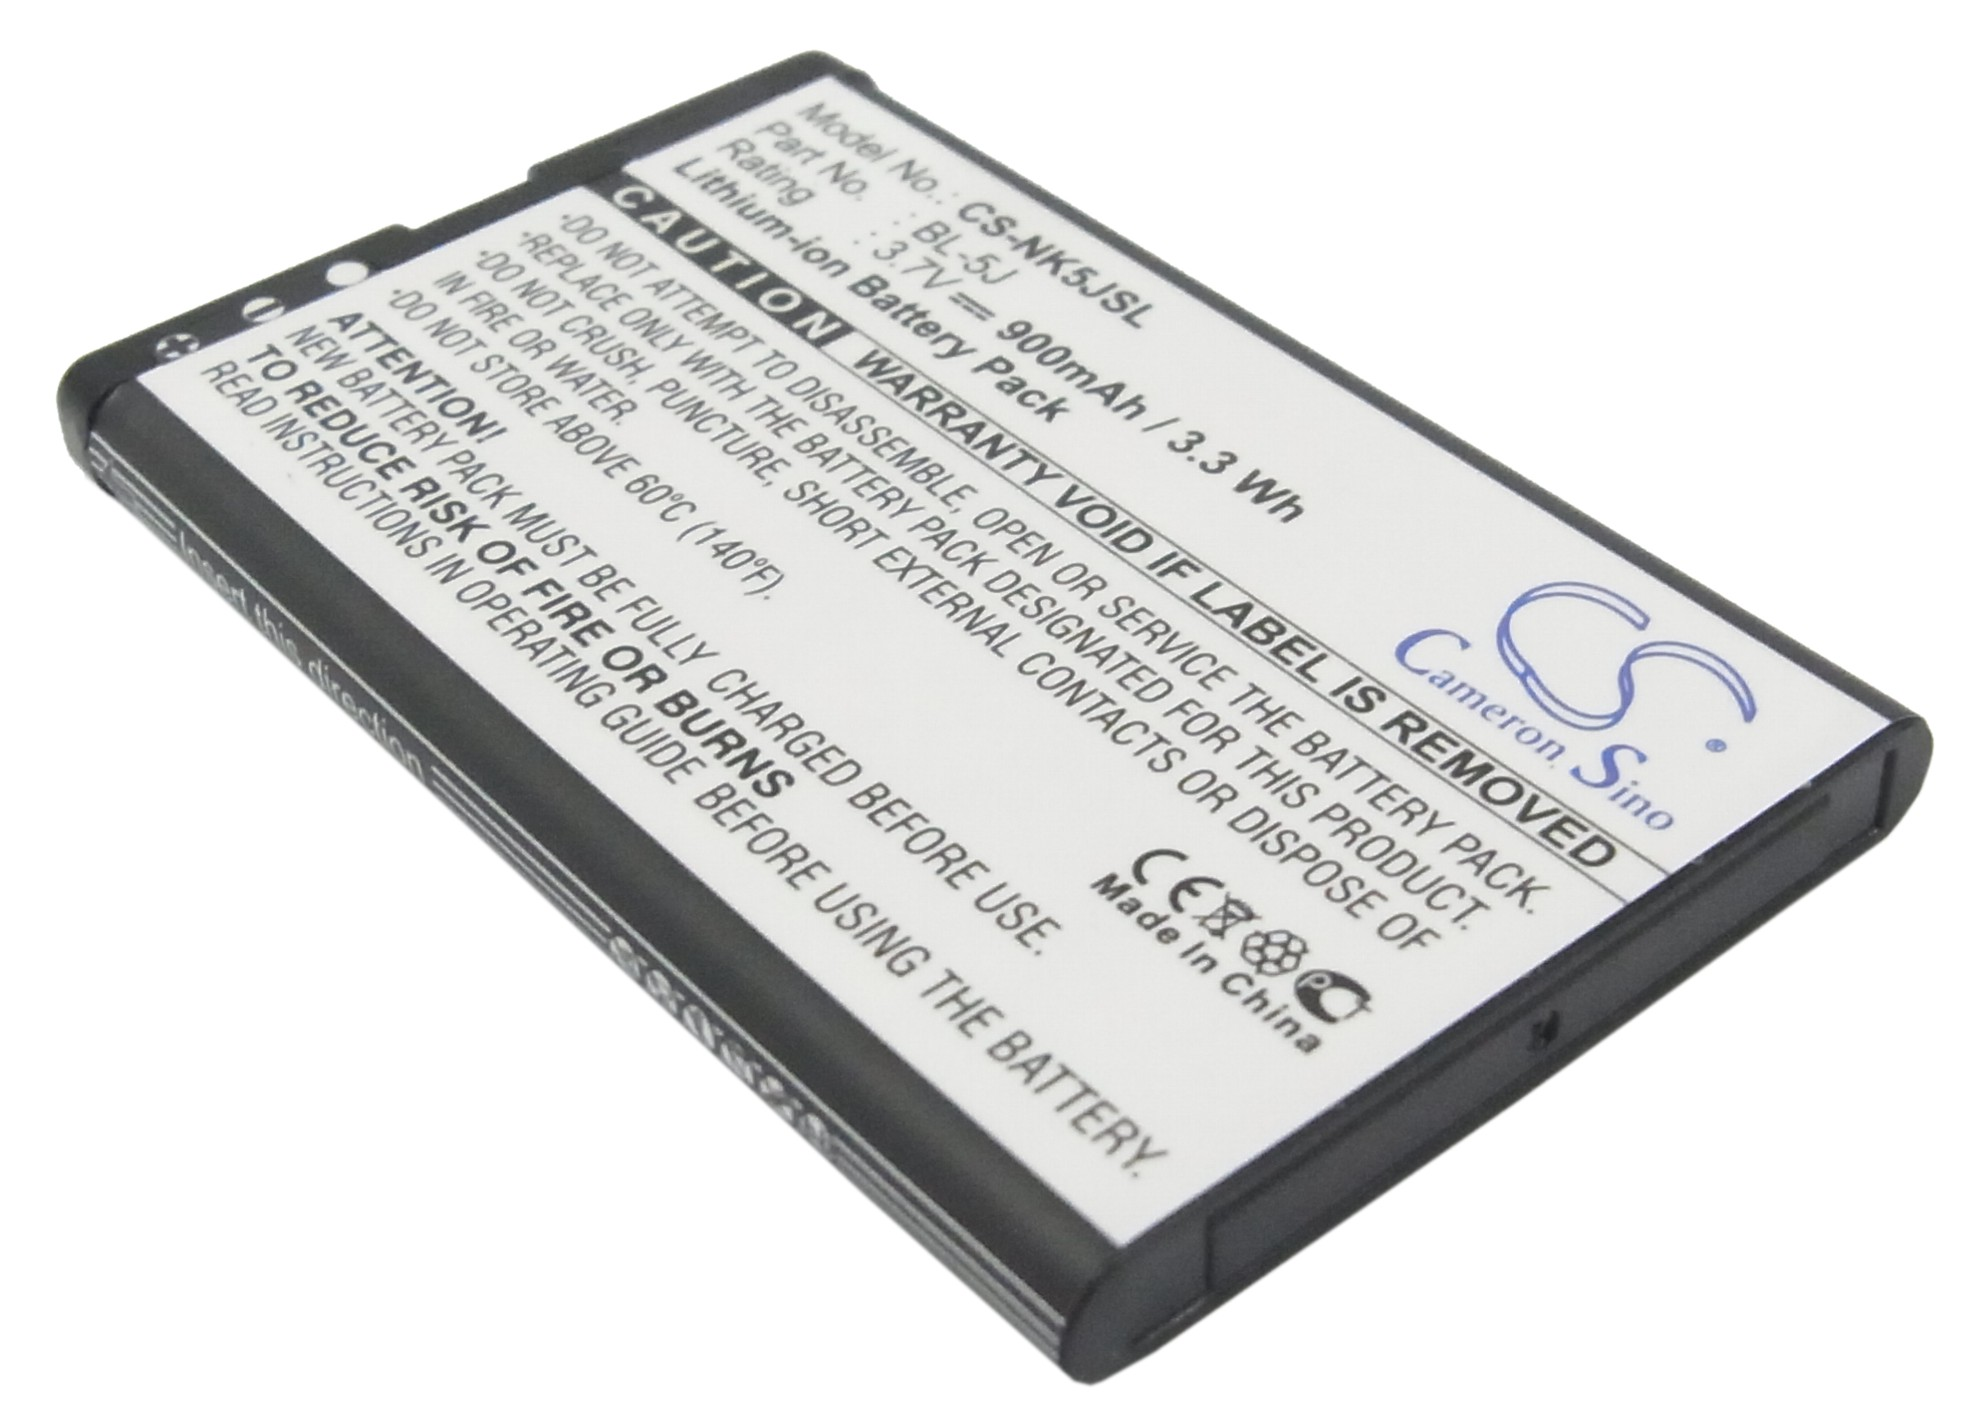 Cameron Sino baterie do mobilů pro NOKIA 5800 Navigation Edition 3.7V Li-ion 900mAh černá - neoriginální